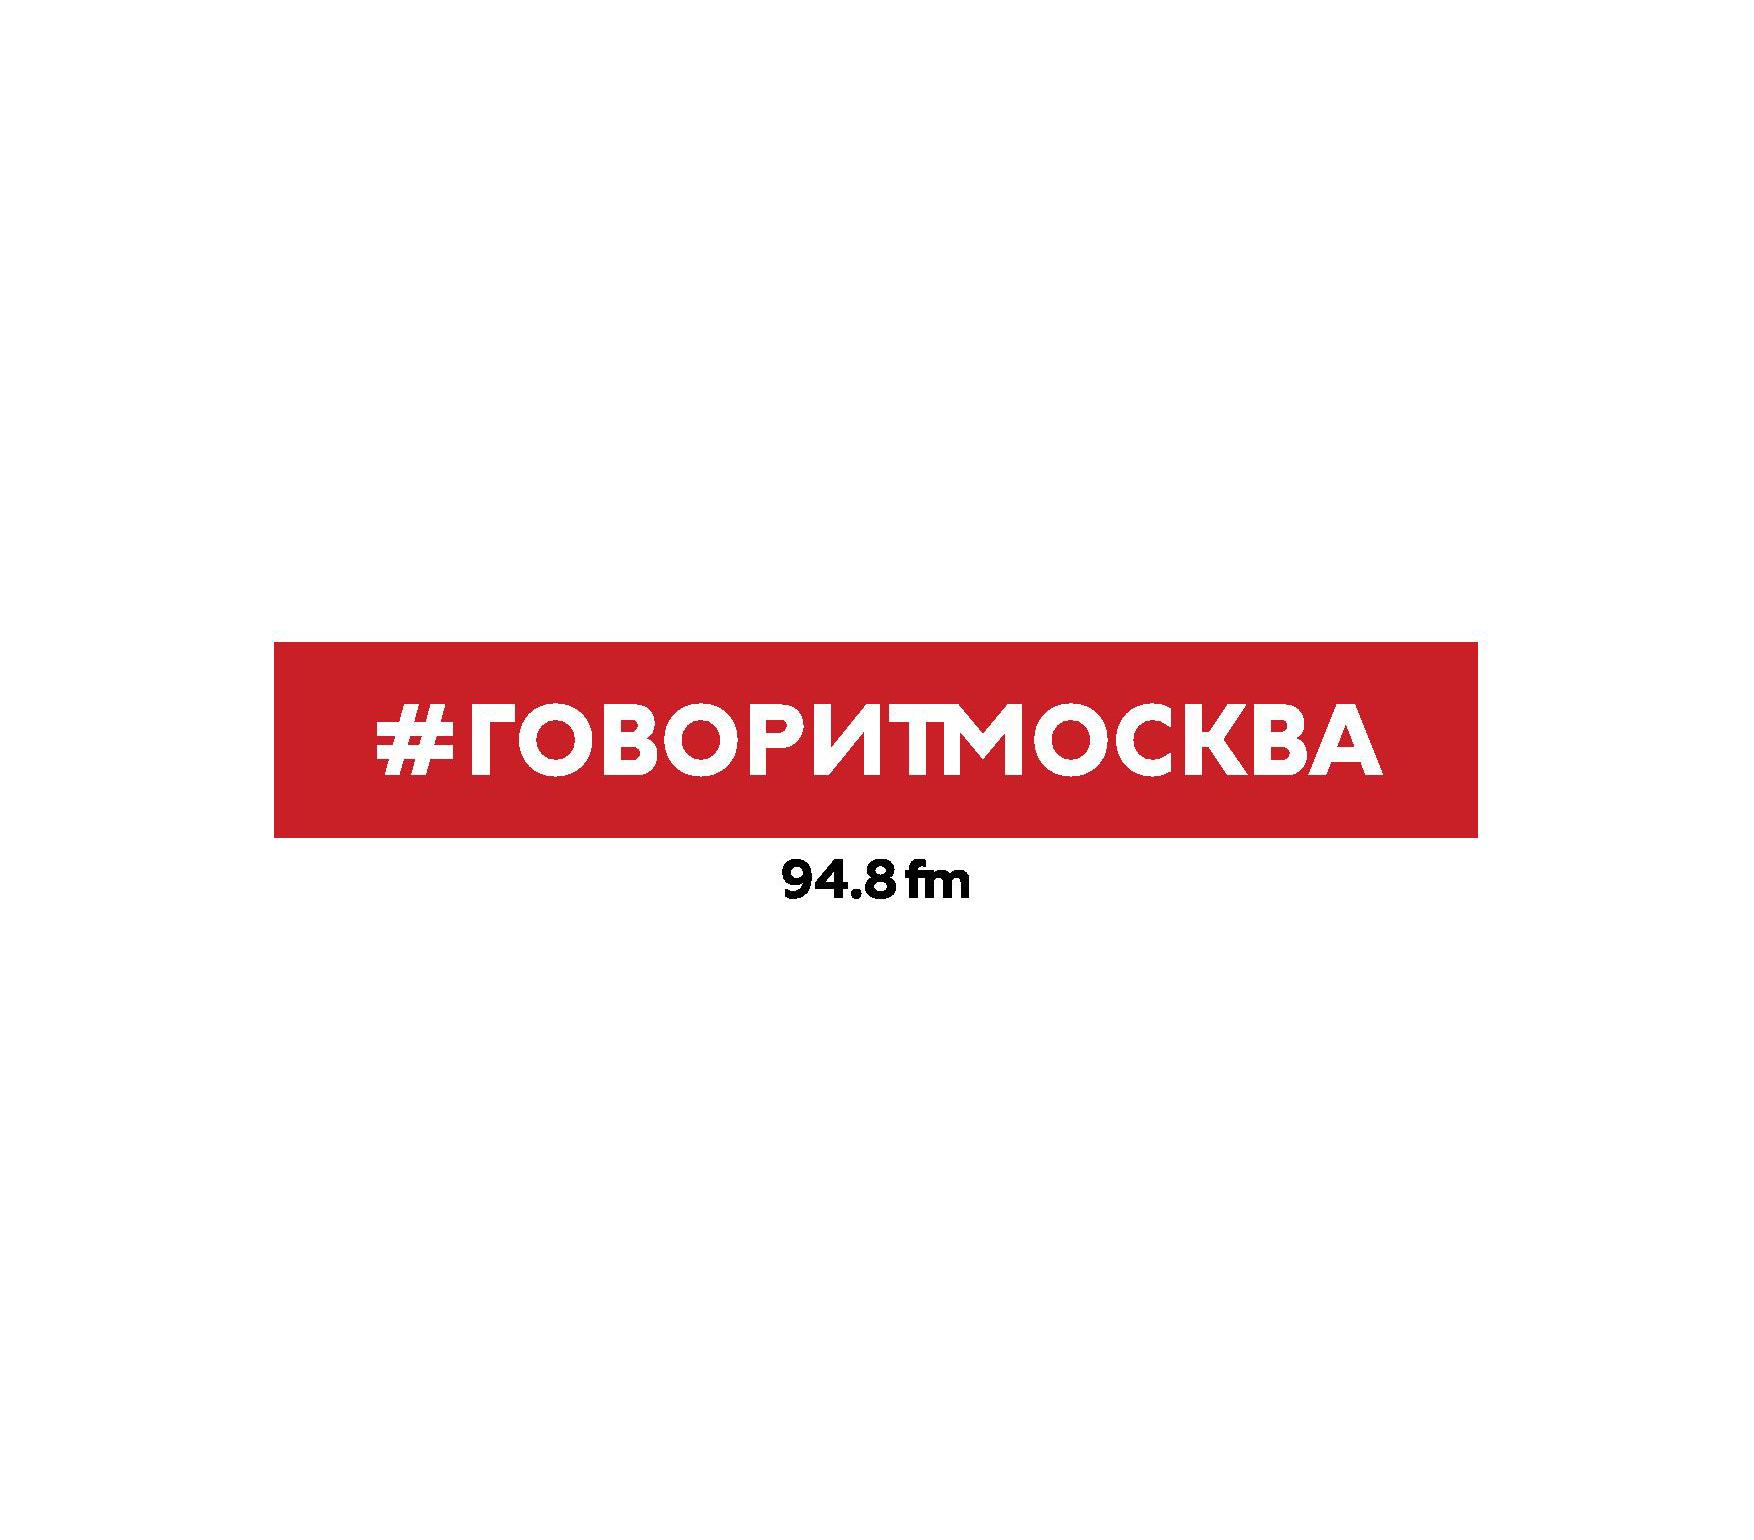 Макс Челноков 5 апреля. Евгений Бушмин макс челноков 14 апреля андрей орлов